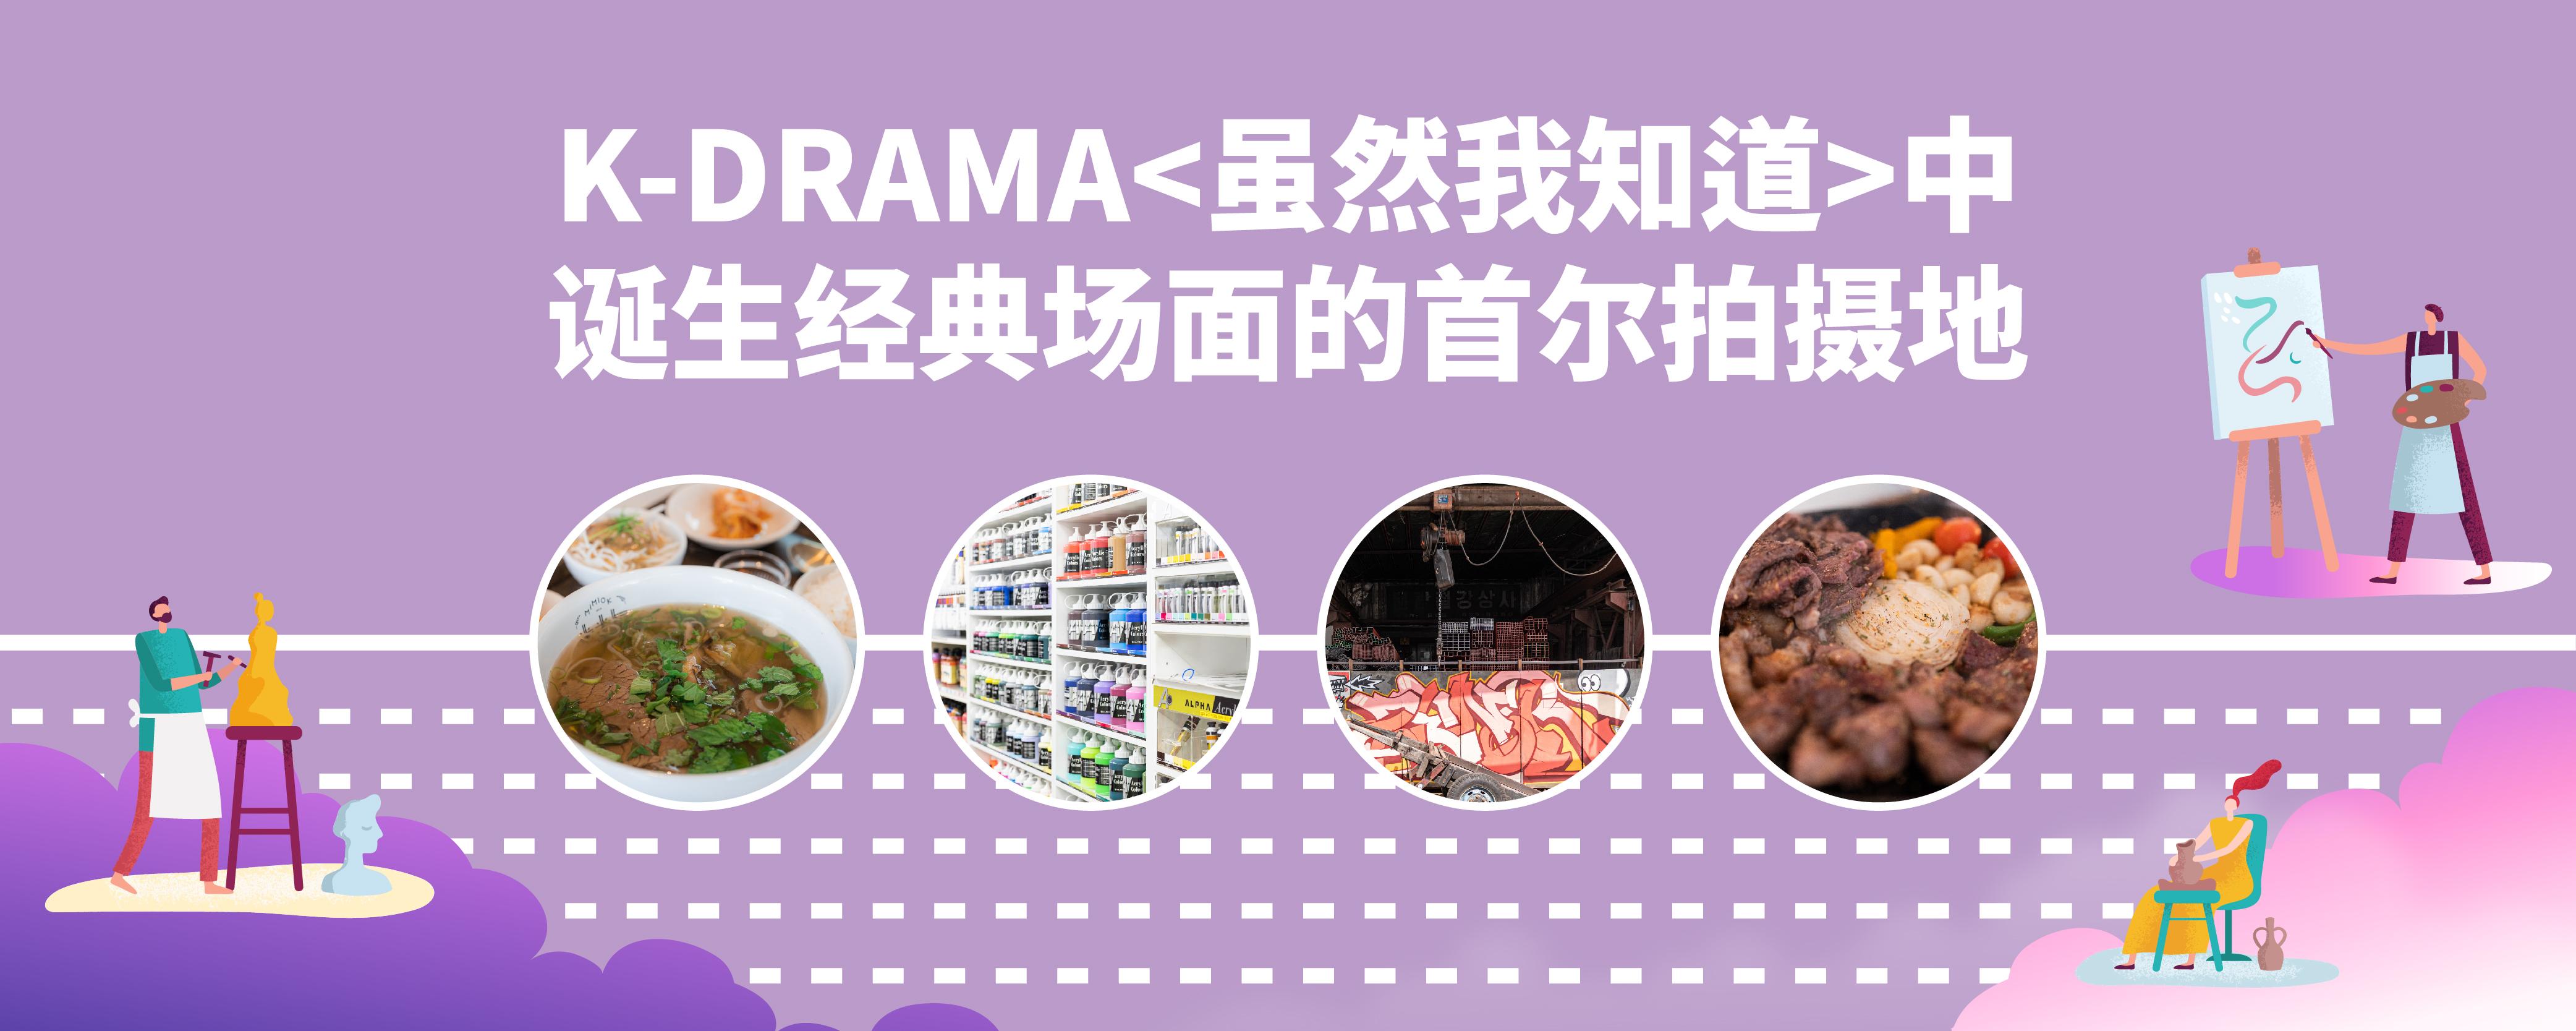 K-DRAMA <虽然我知道>中诞生经典场面的首尔拍摄地